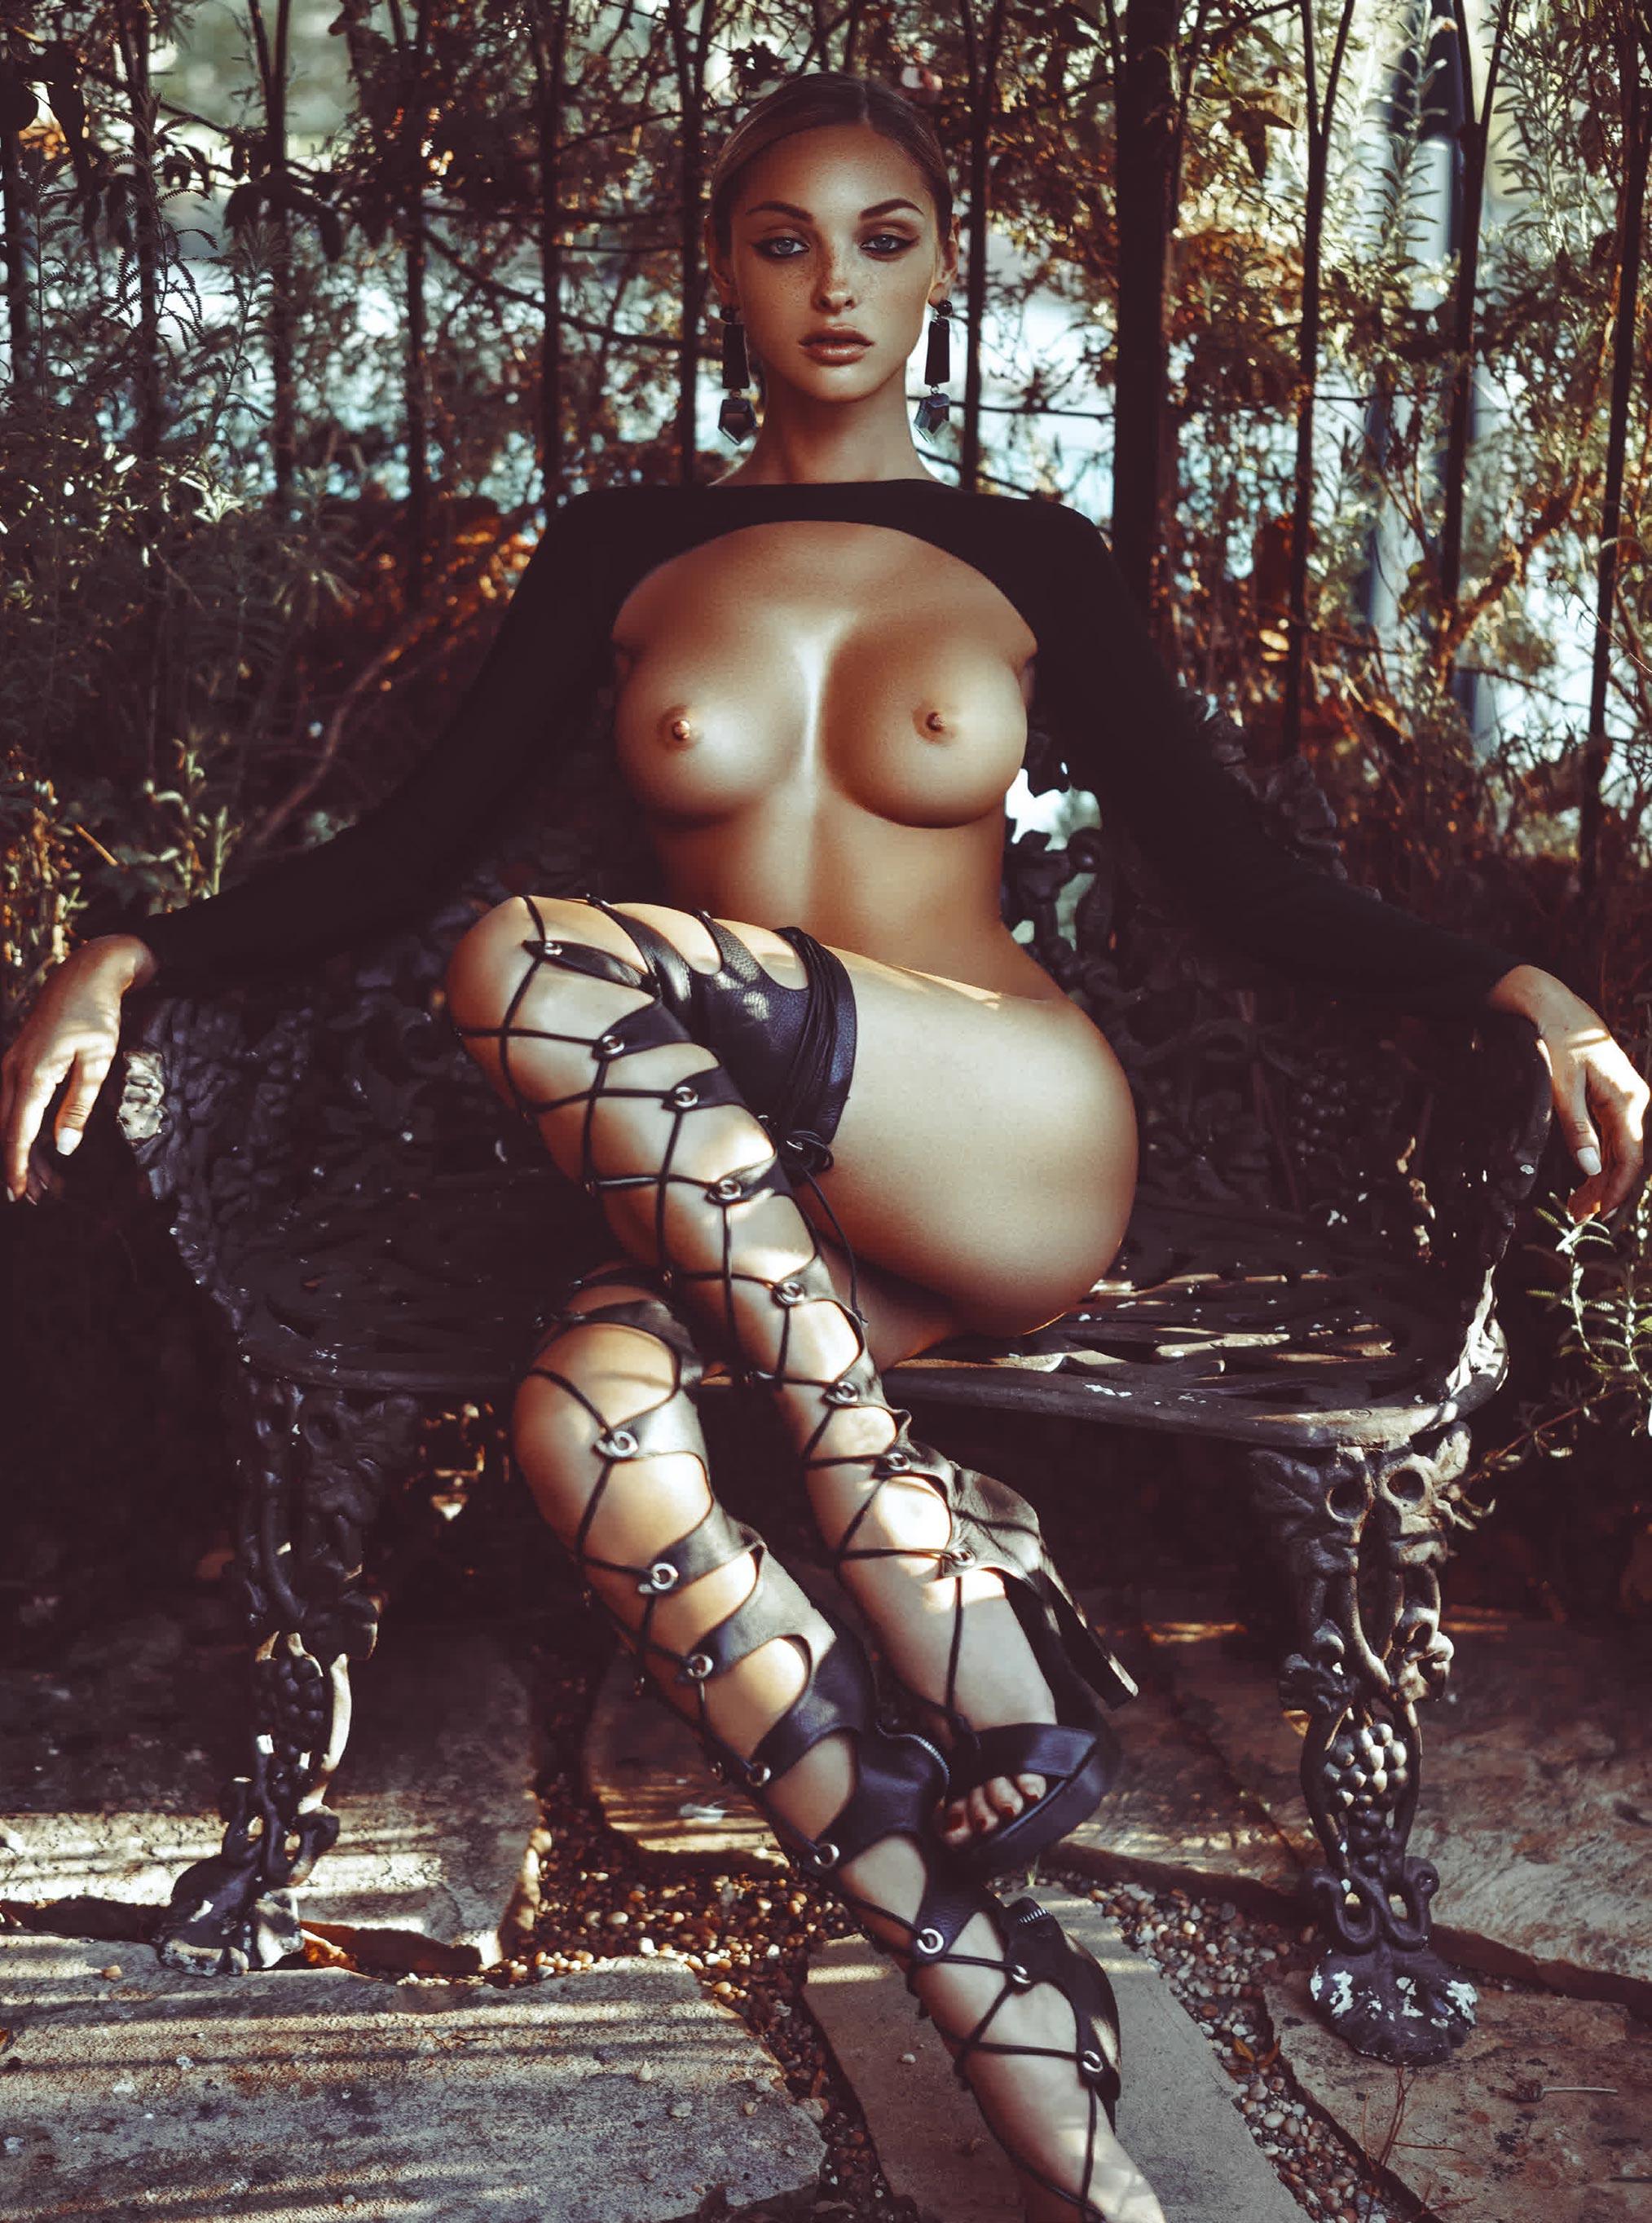 русская модель Кристина Шейтер в элитном особняке Elyx House в Лос-Анджелесе / Kristina Sheiter nude by Kesler Tran / Treats! Magazine issue 10 spring 2016